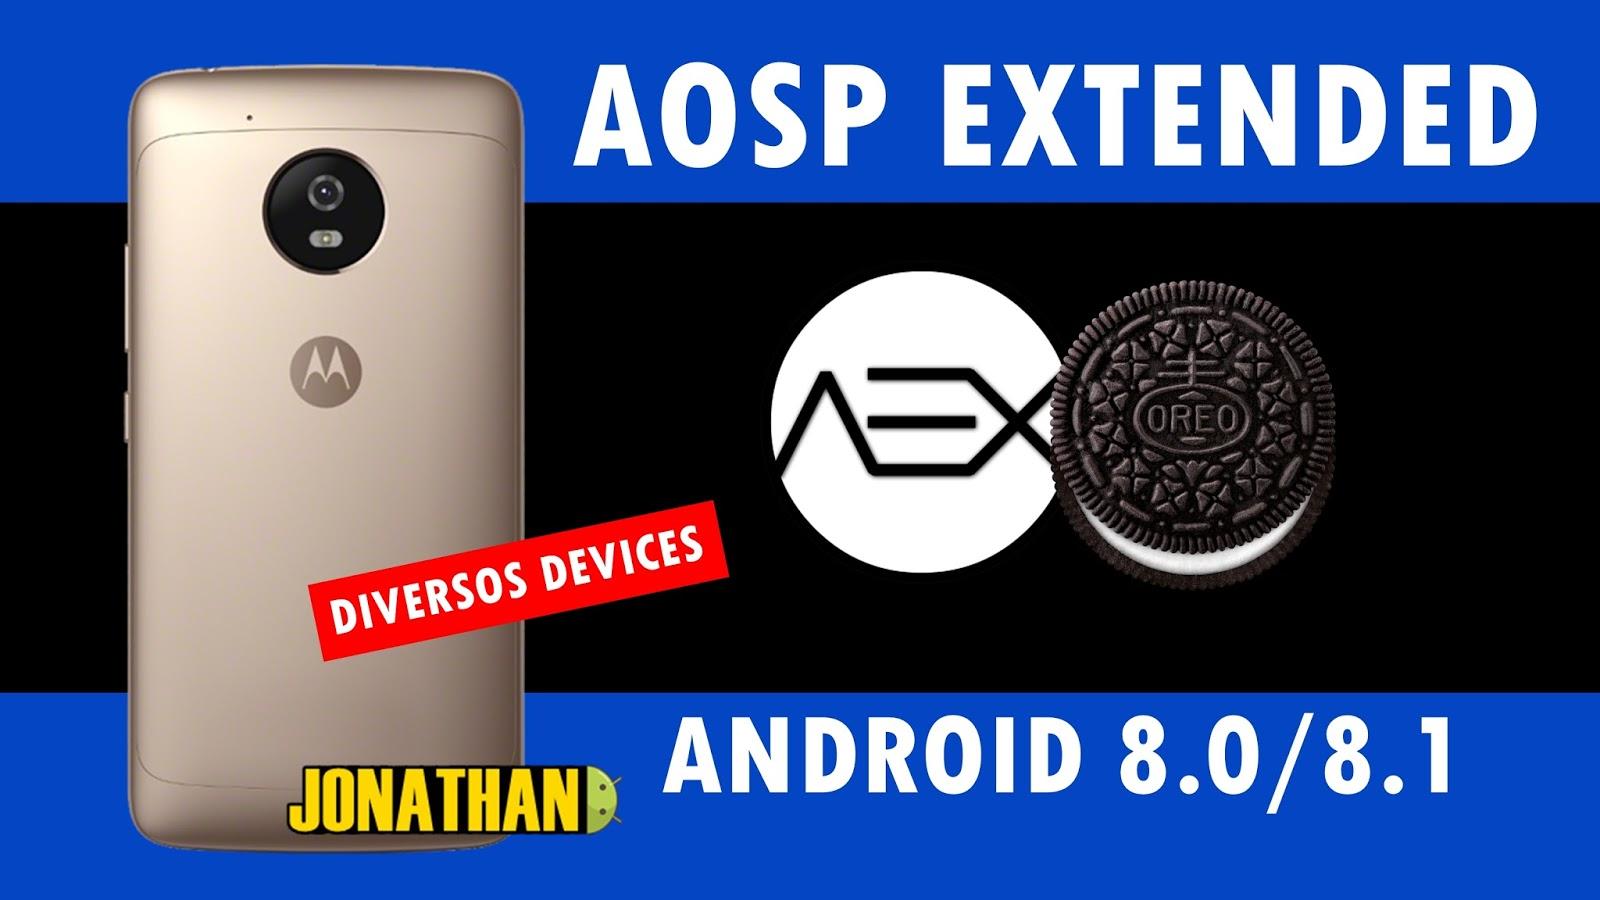 ROM - AOSP EXTENDED Android 8 0/8 1 Oreo - Para Moto E1, E2